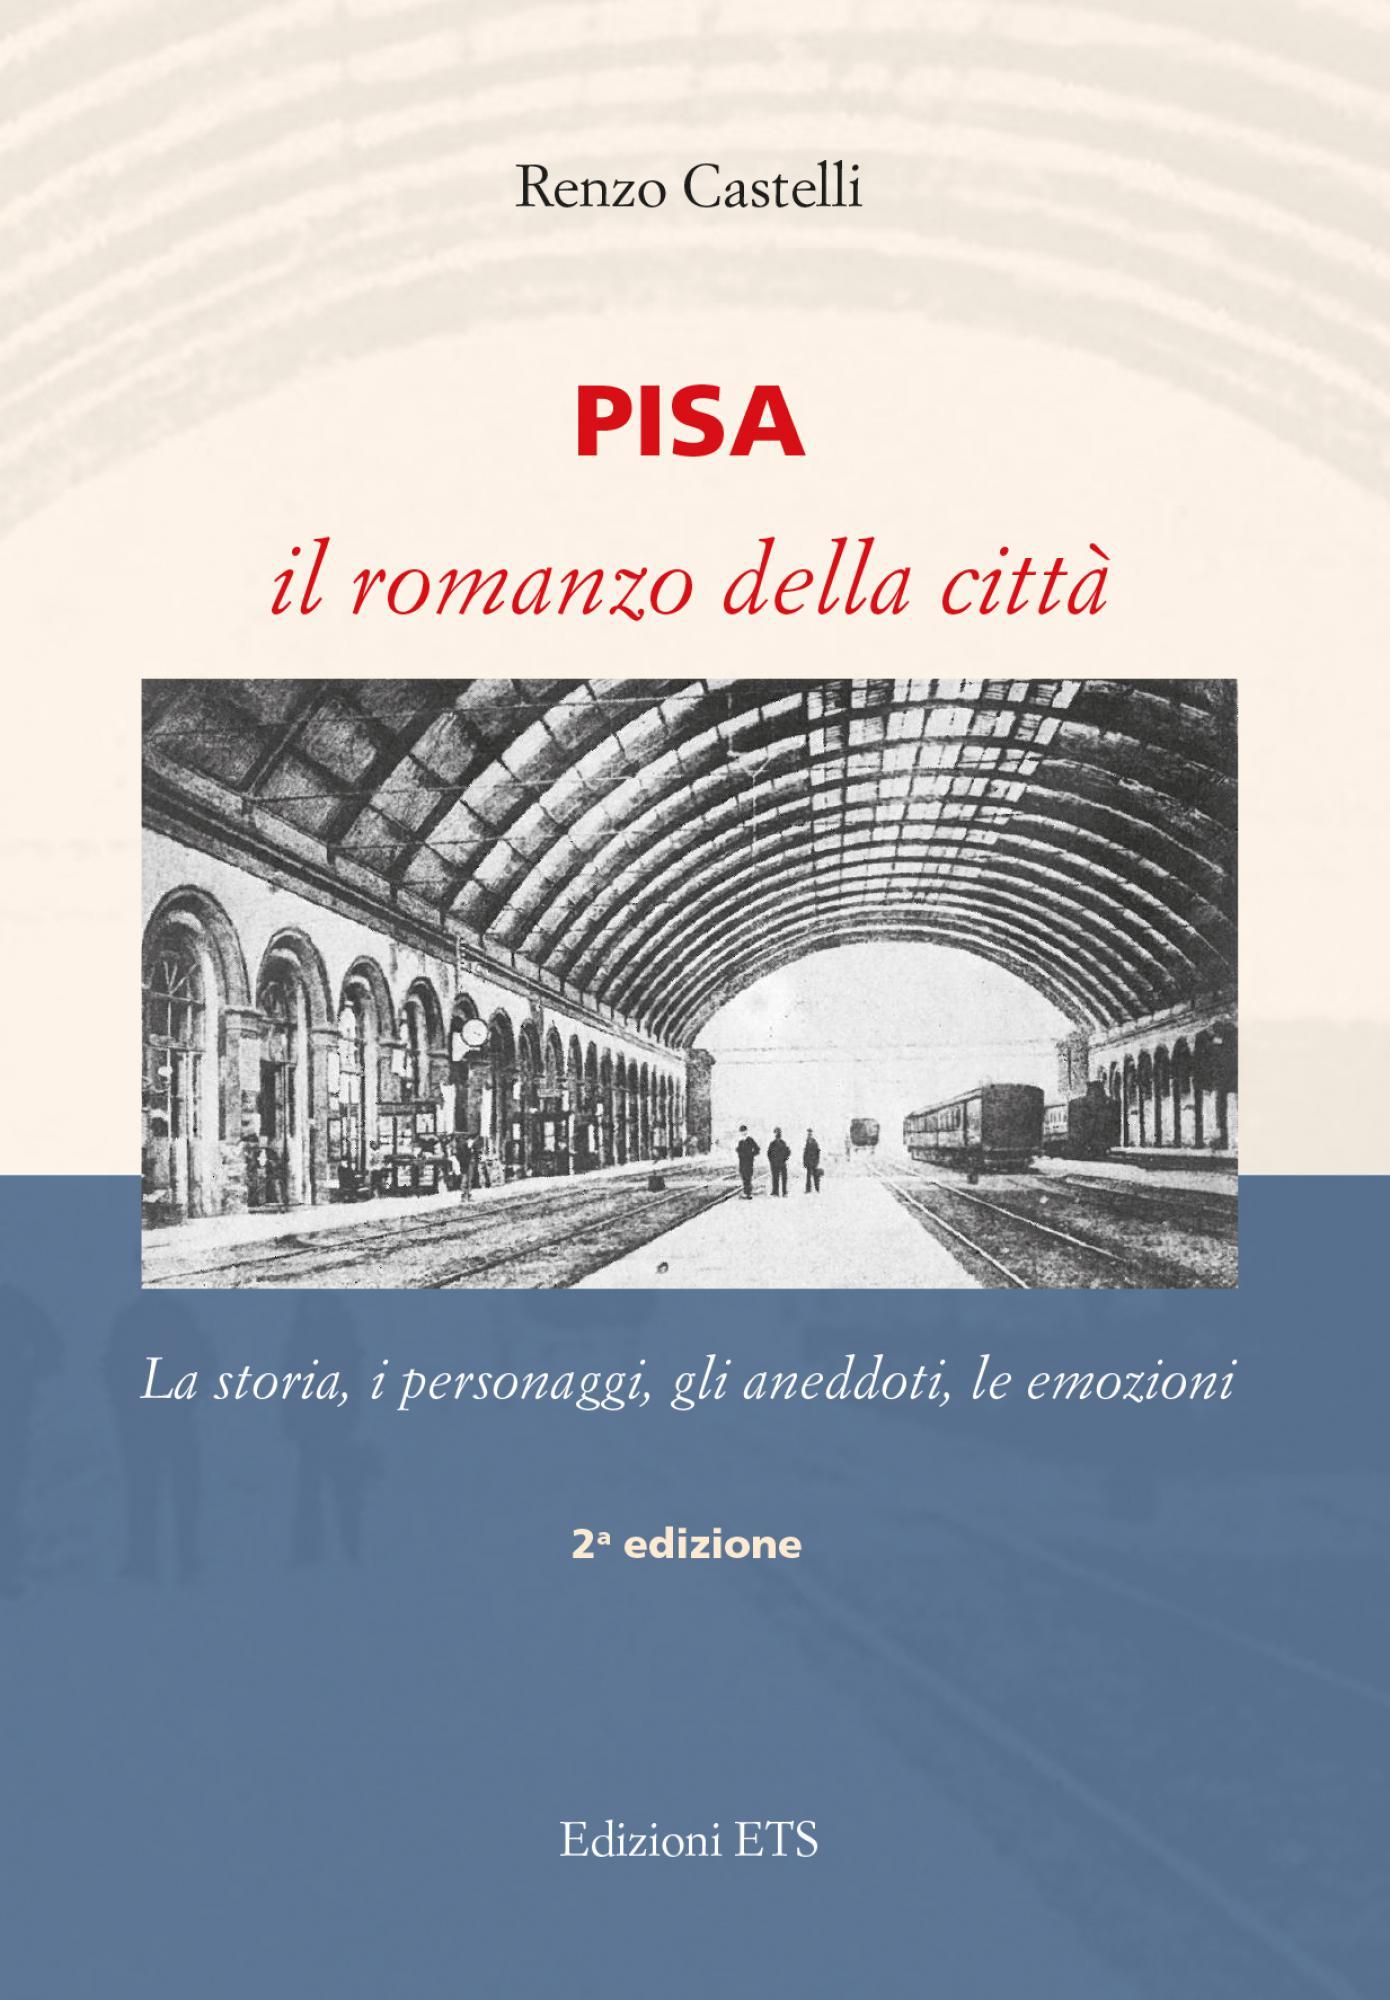 Pisa. Il romanzo della città.La storia, i personaggi, gli aneddoti, le emozioni. 2° edizione